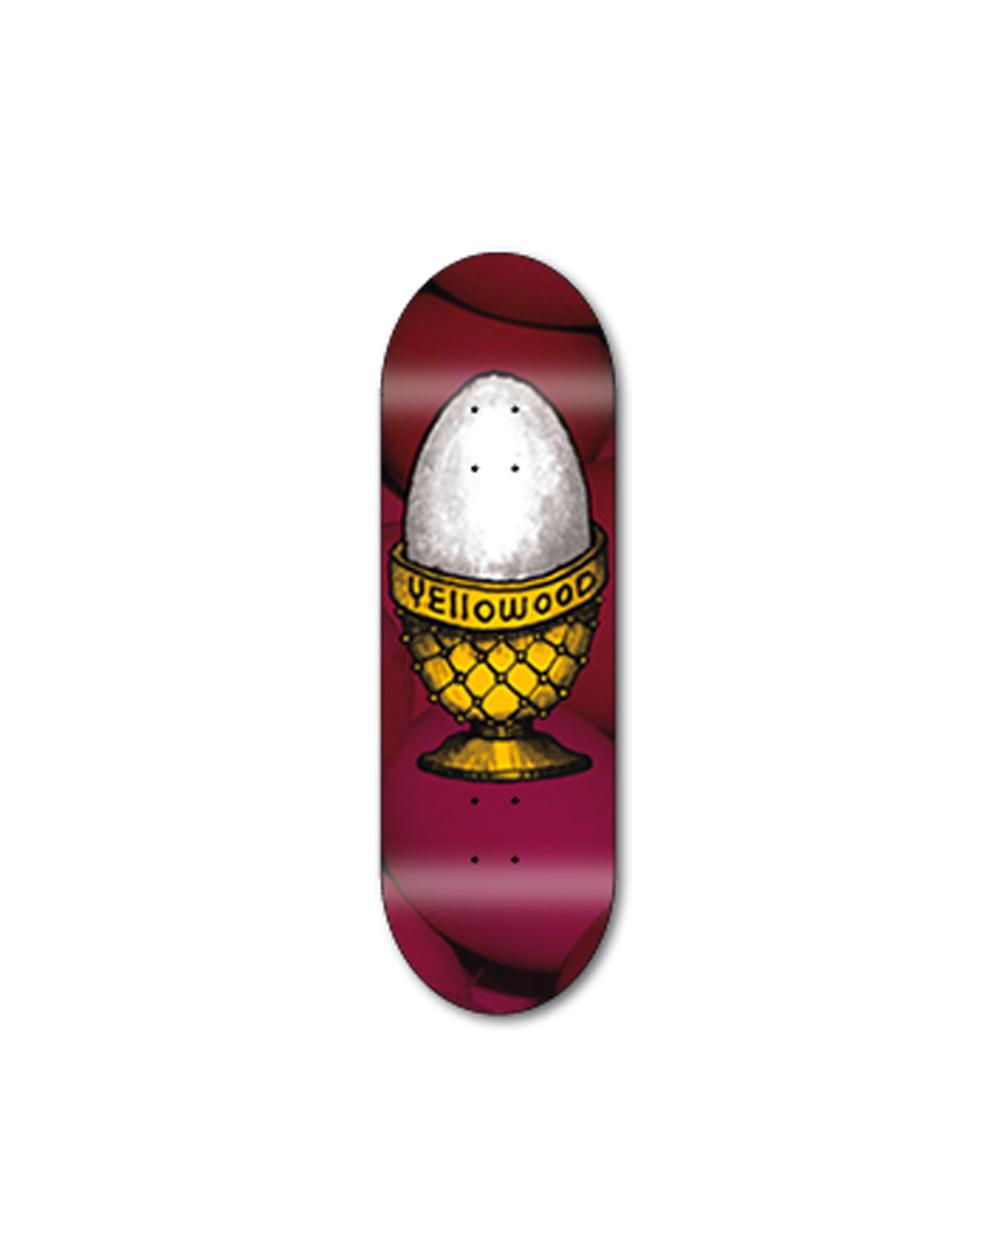 Yellowood Plateaux Fingerboard Egg Z3